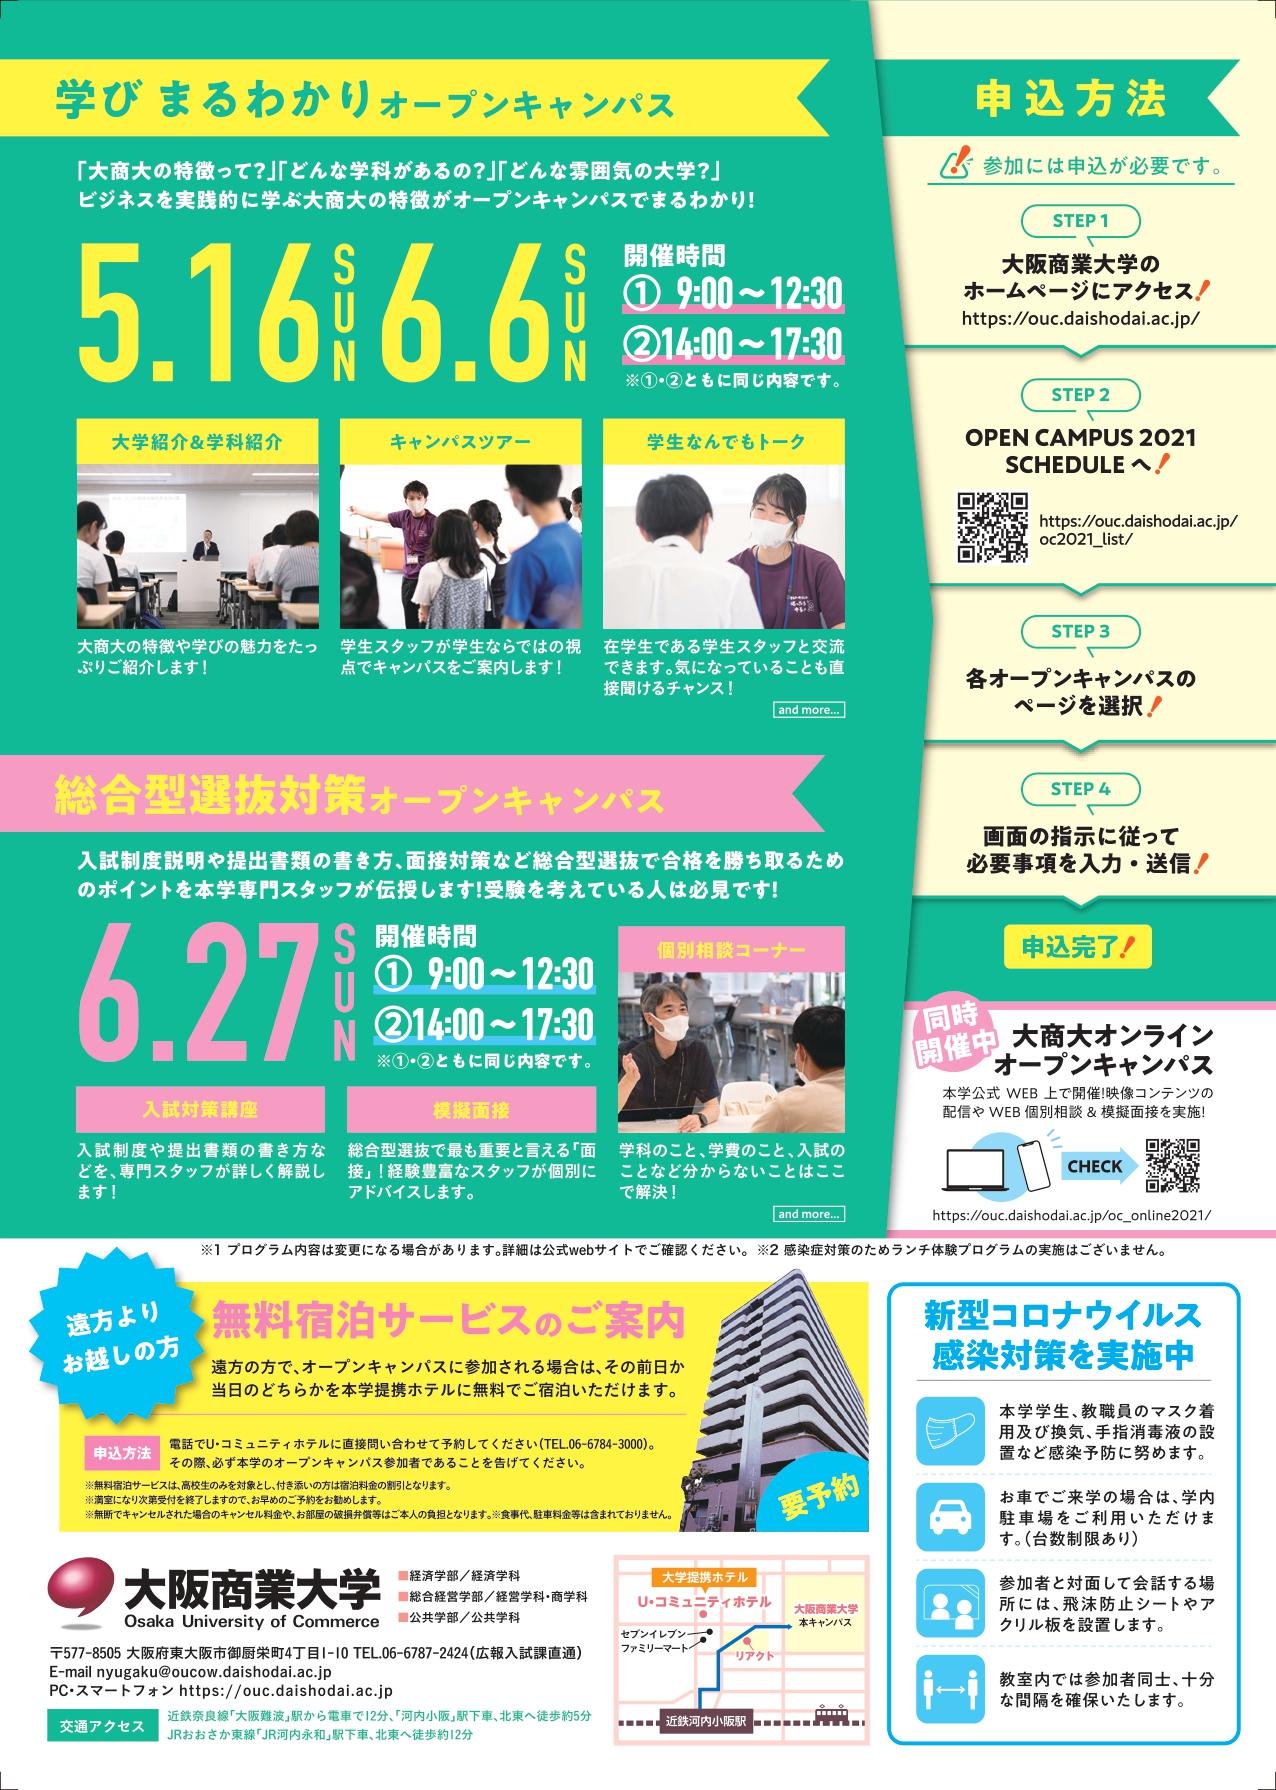 大阪商業大学様_A4チラシ_ミニ 3_page-0002.jpg